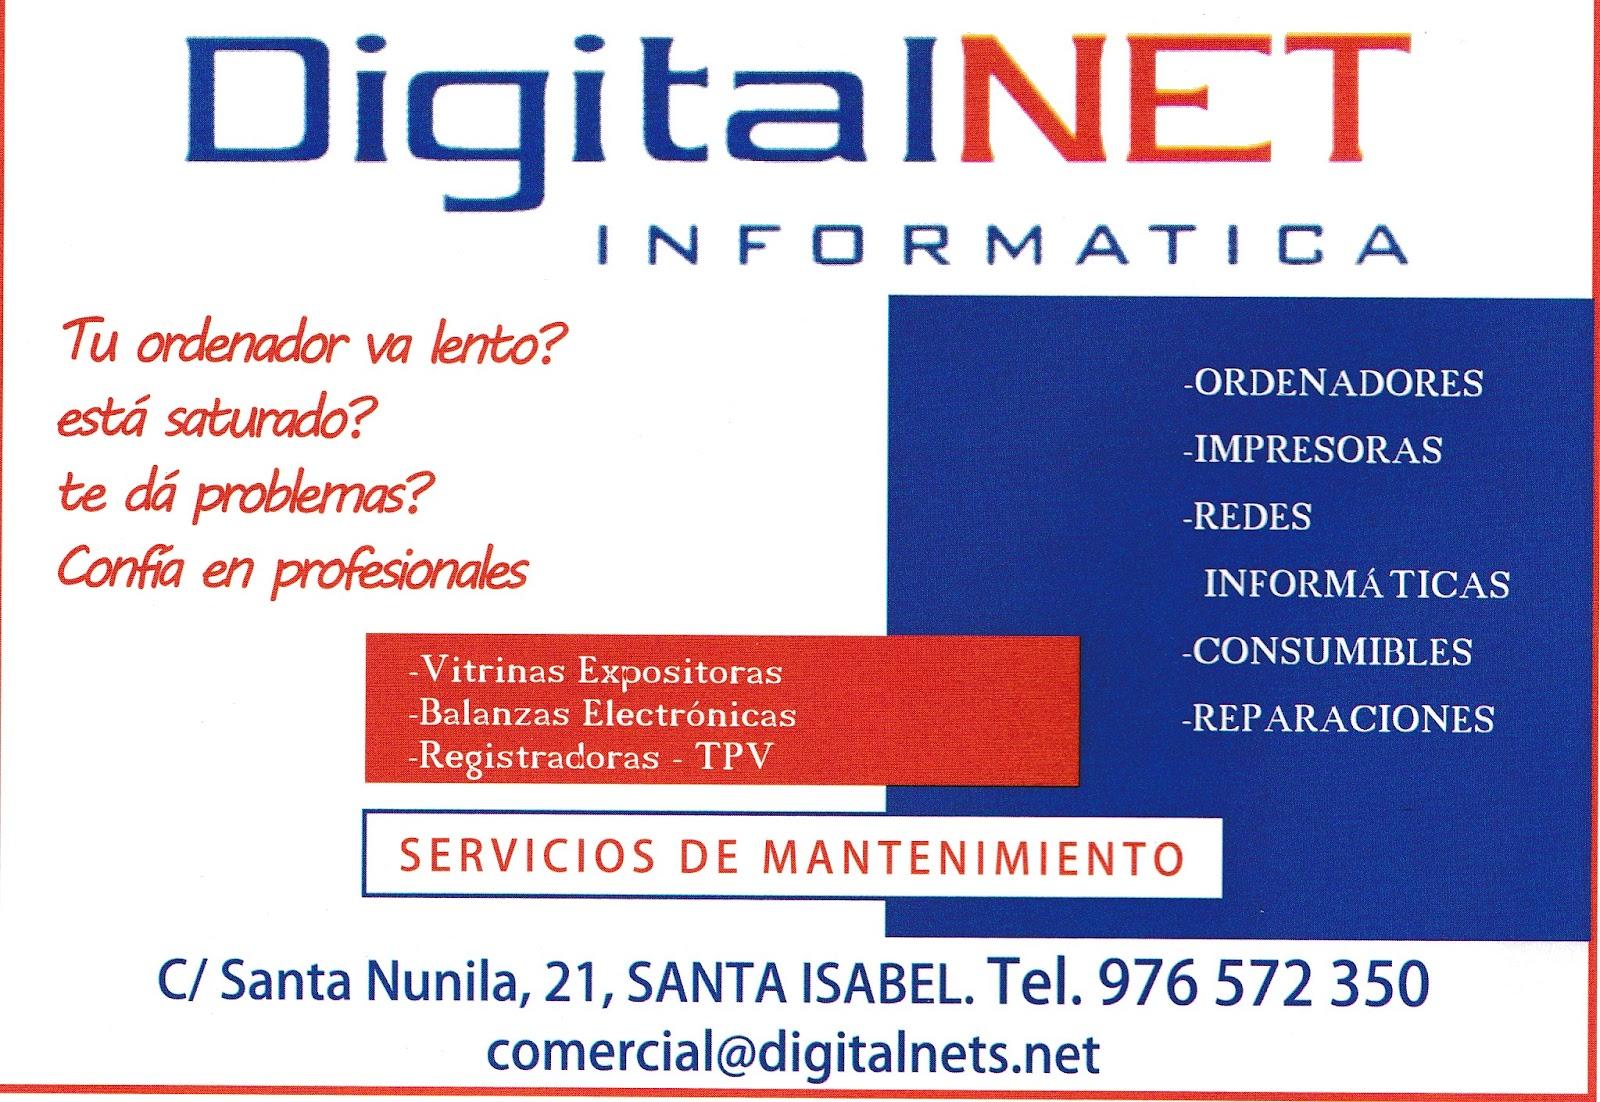 digitalnet (1).jpg